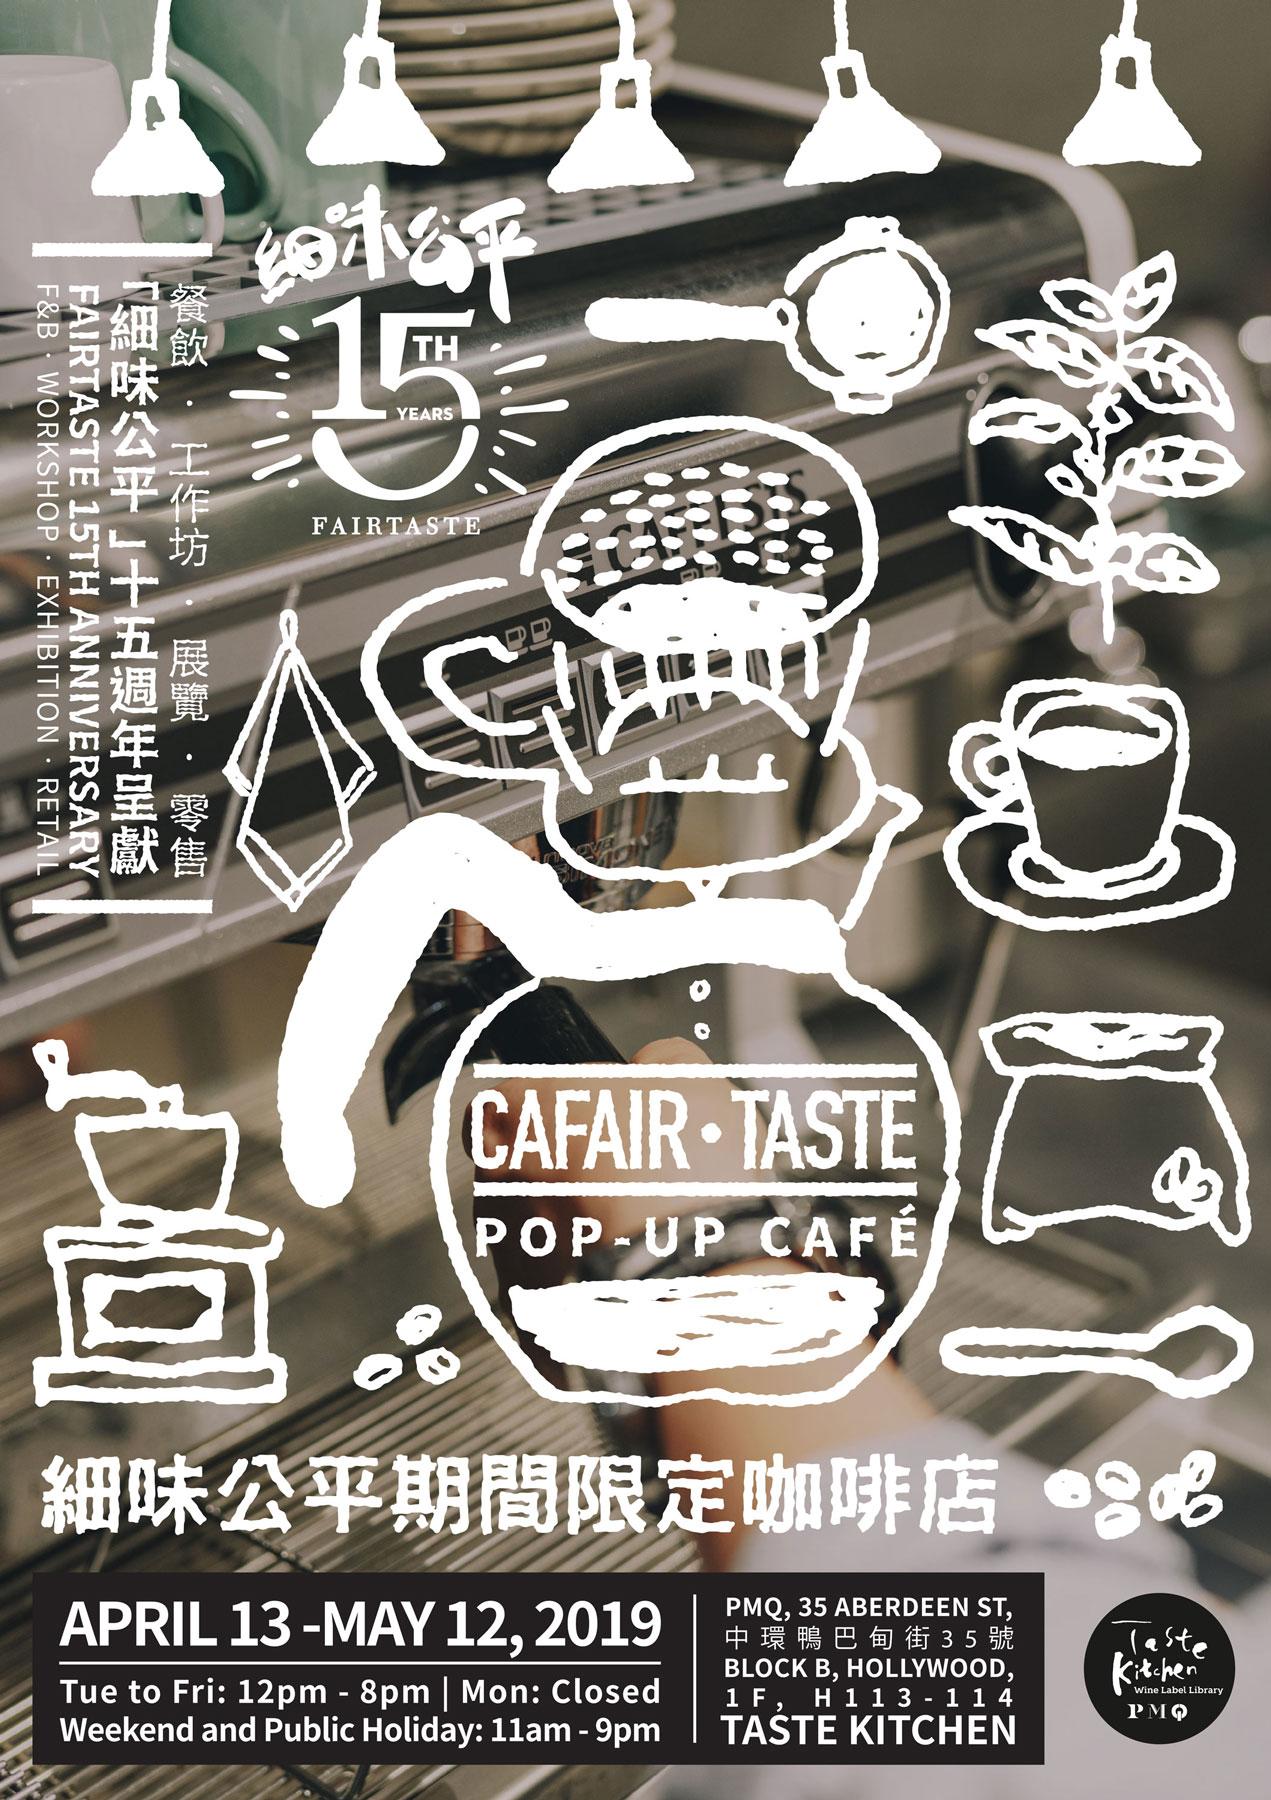 FairTaste-15FT-InStore02-WEB.jpg